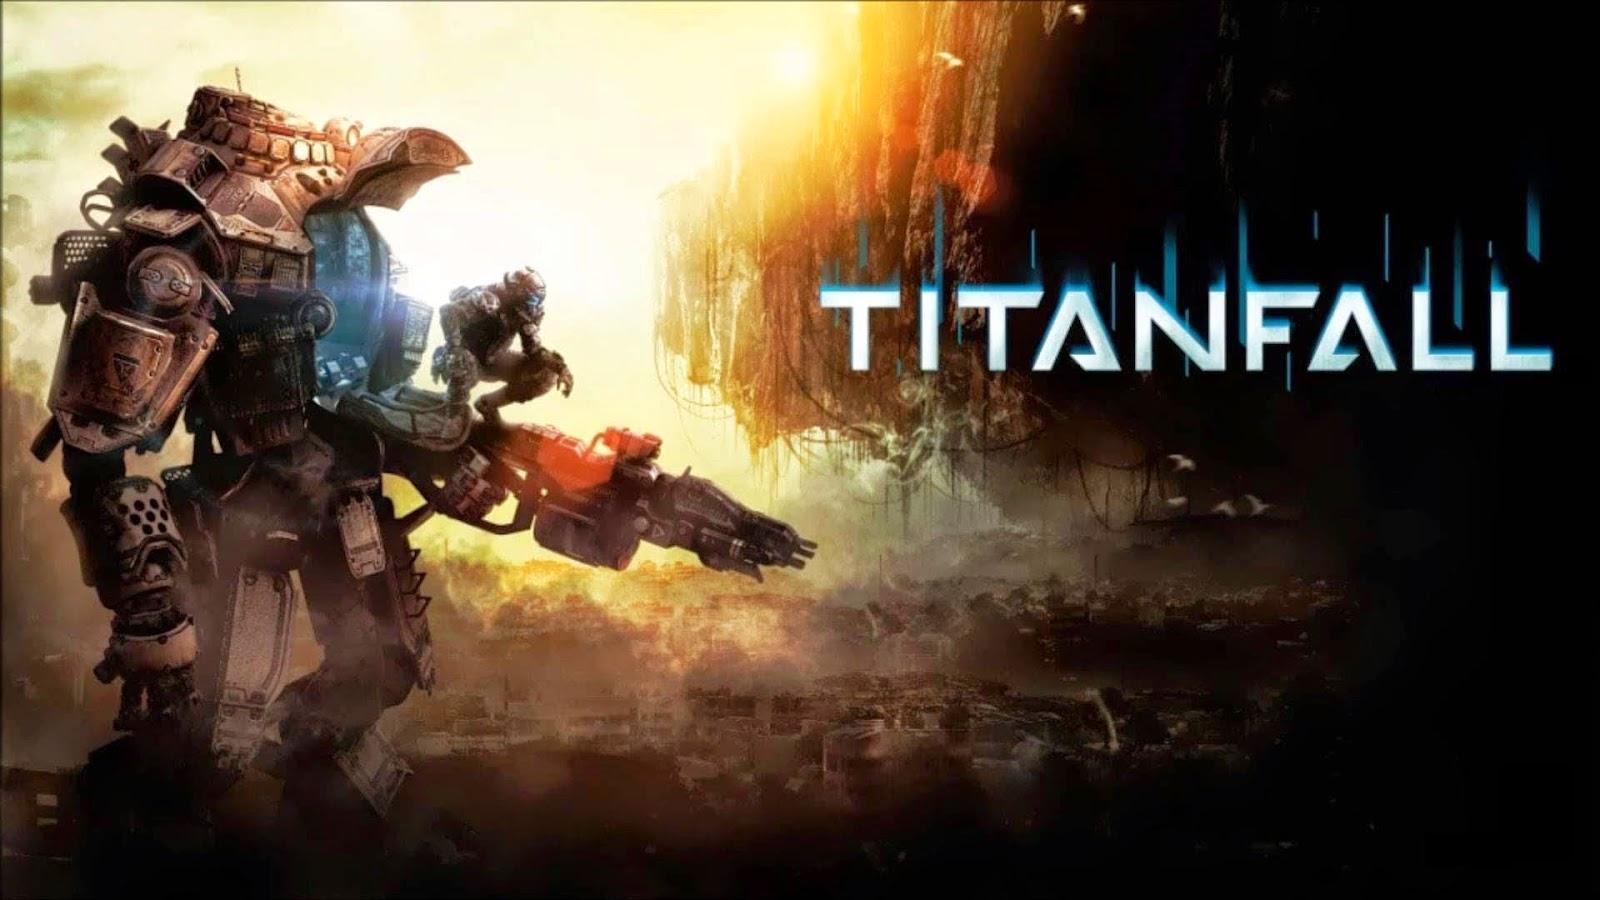 http://www.titanfall.com/